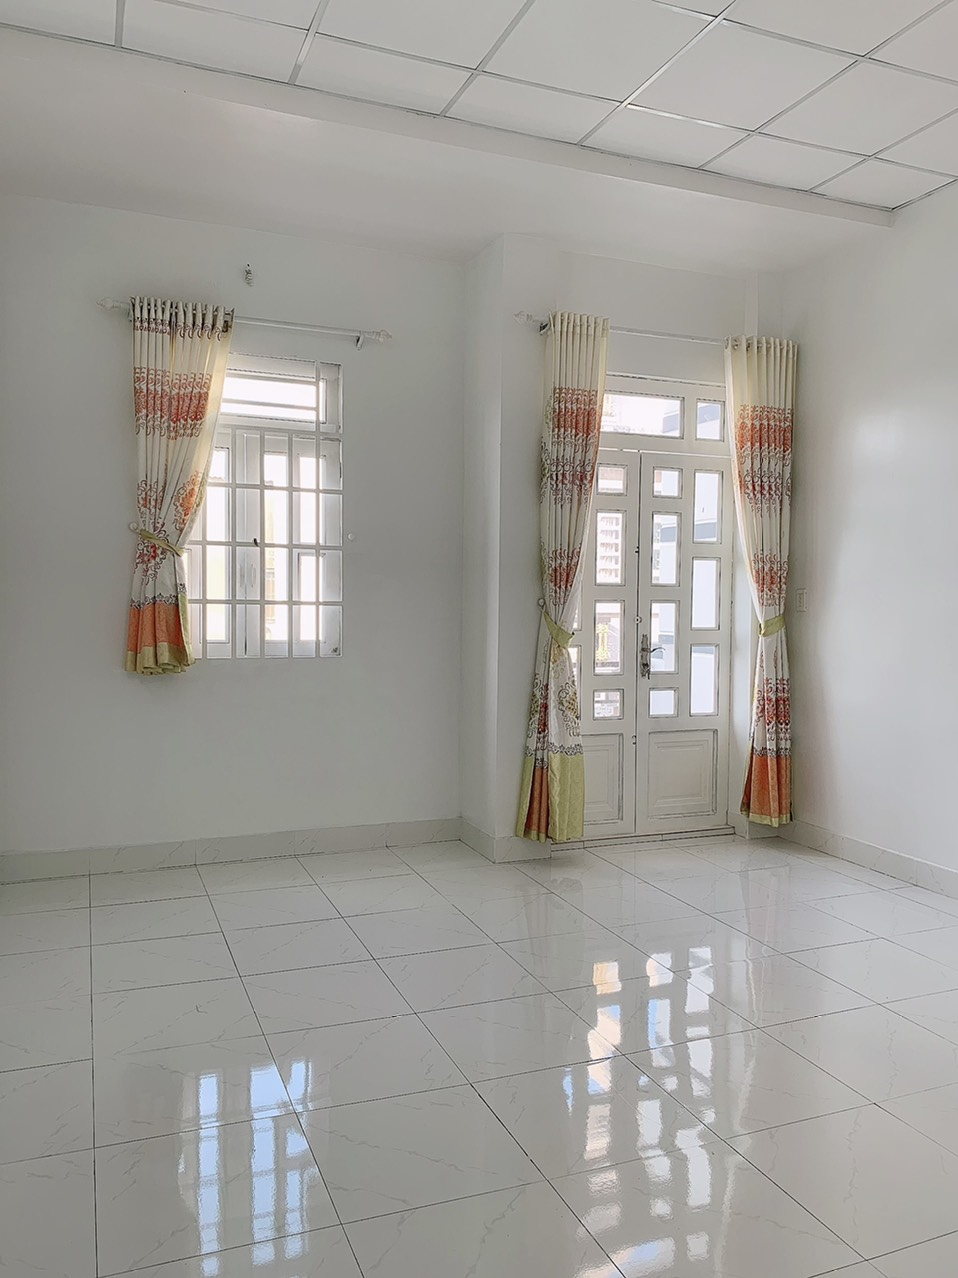 Bán nhà đường Phú Định phường 16 Quận 8 giá rẻ. Nhà rộng rãi 2 lầu đúc thật